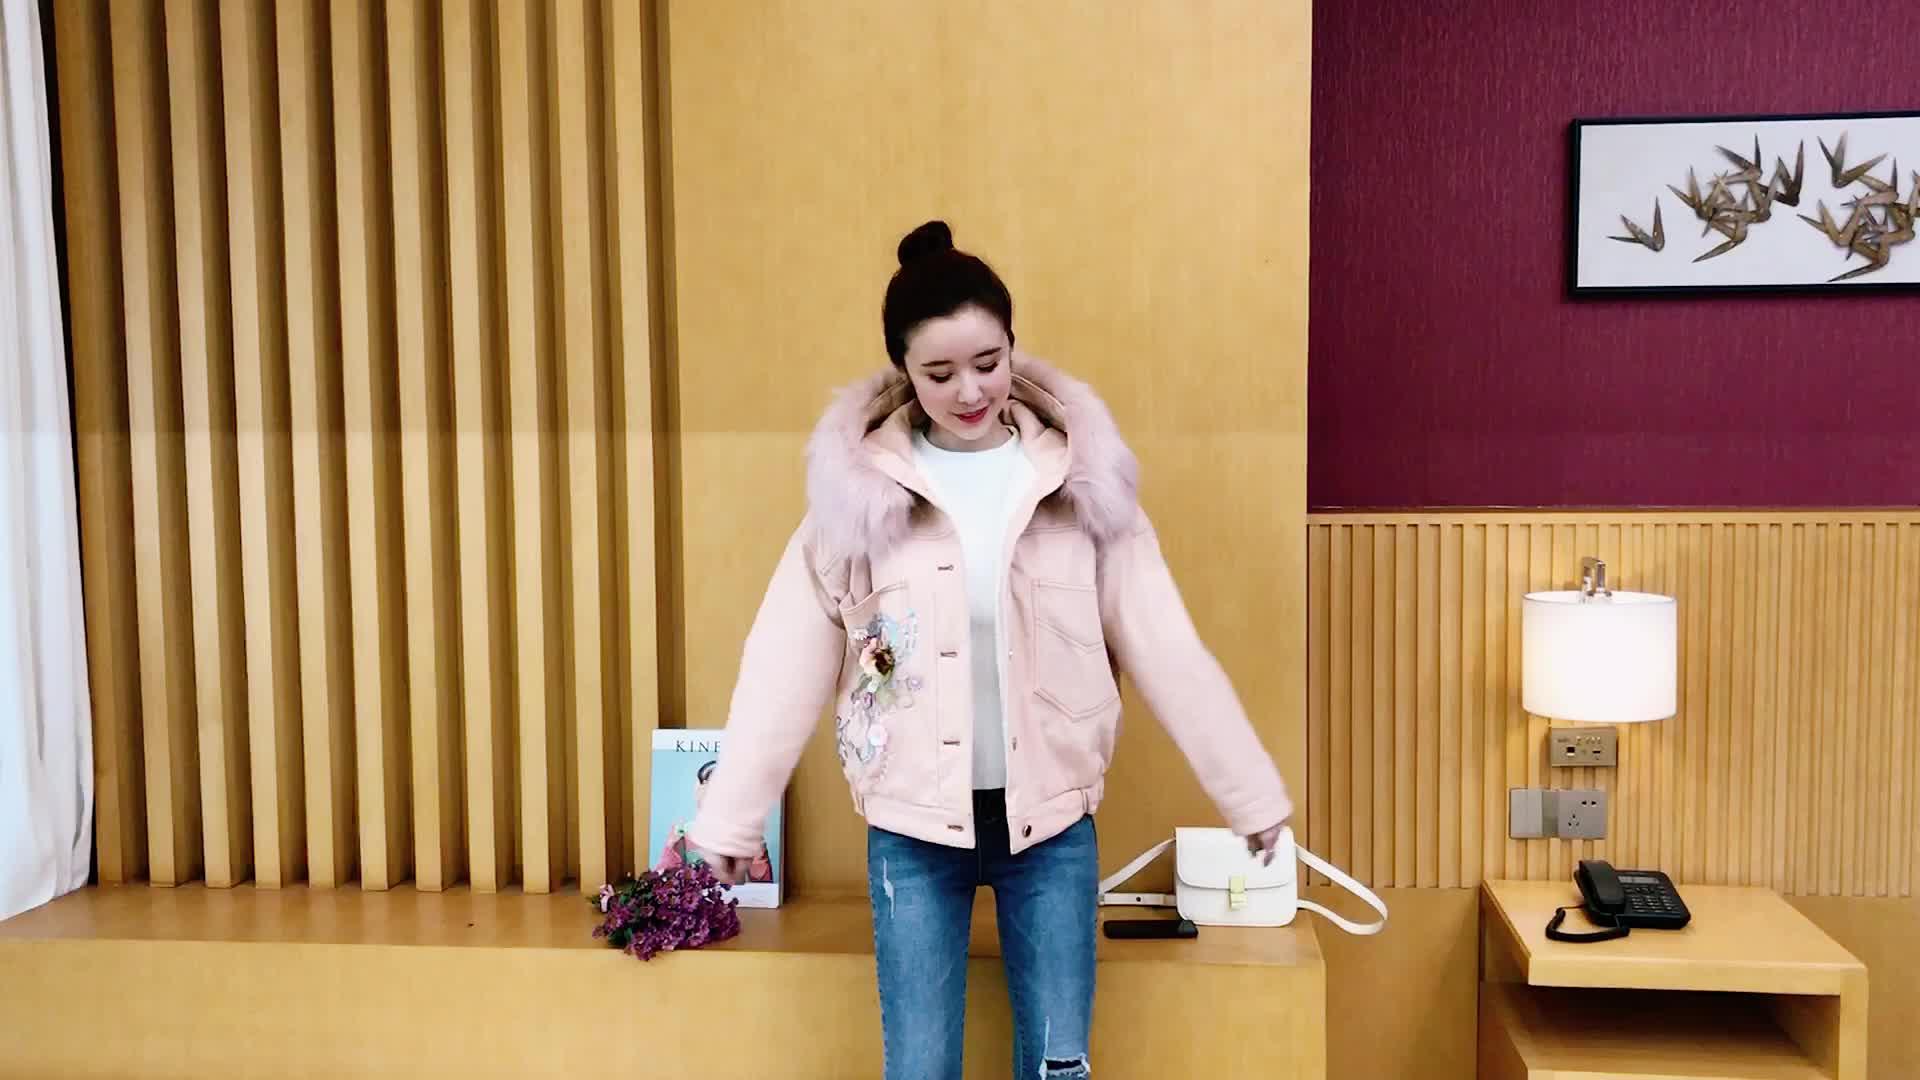 2019冬裝新款大毛領牛仔棉衣外套女彩色短款加絨加厚夾克棉服冬潮